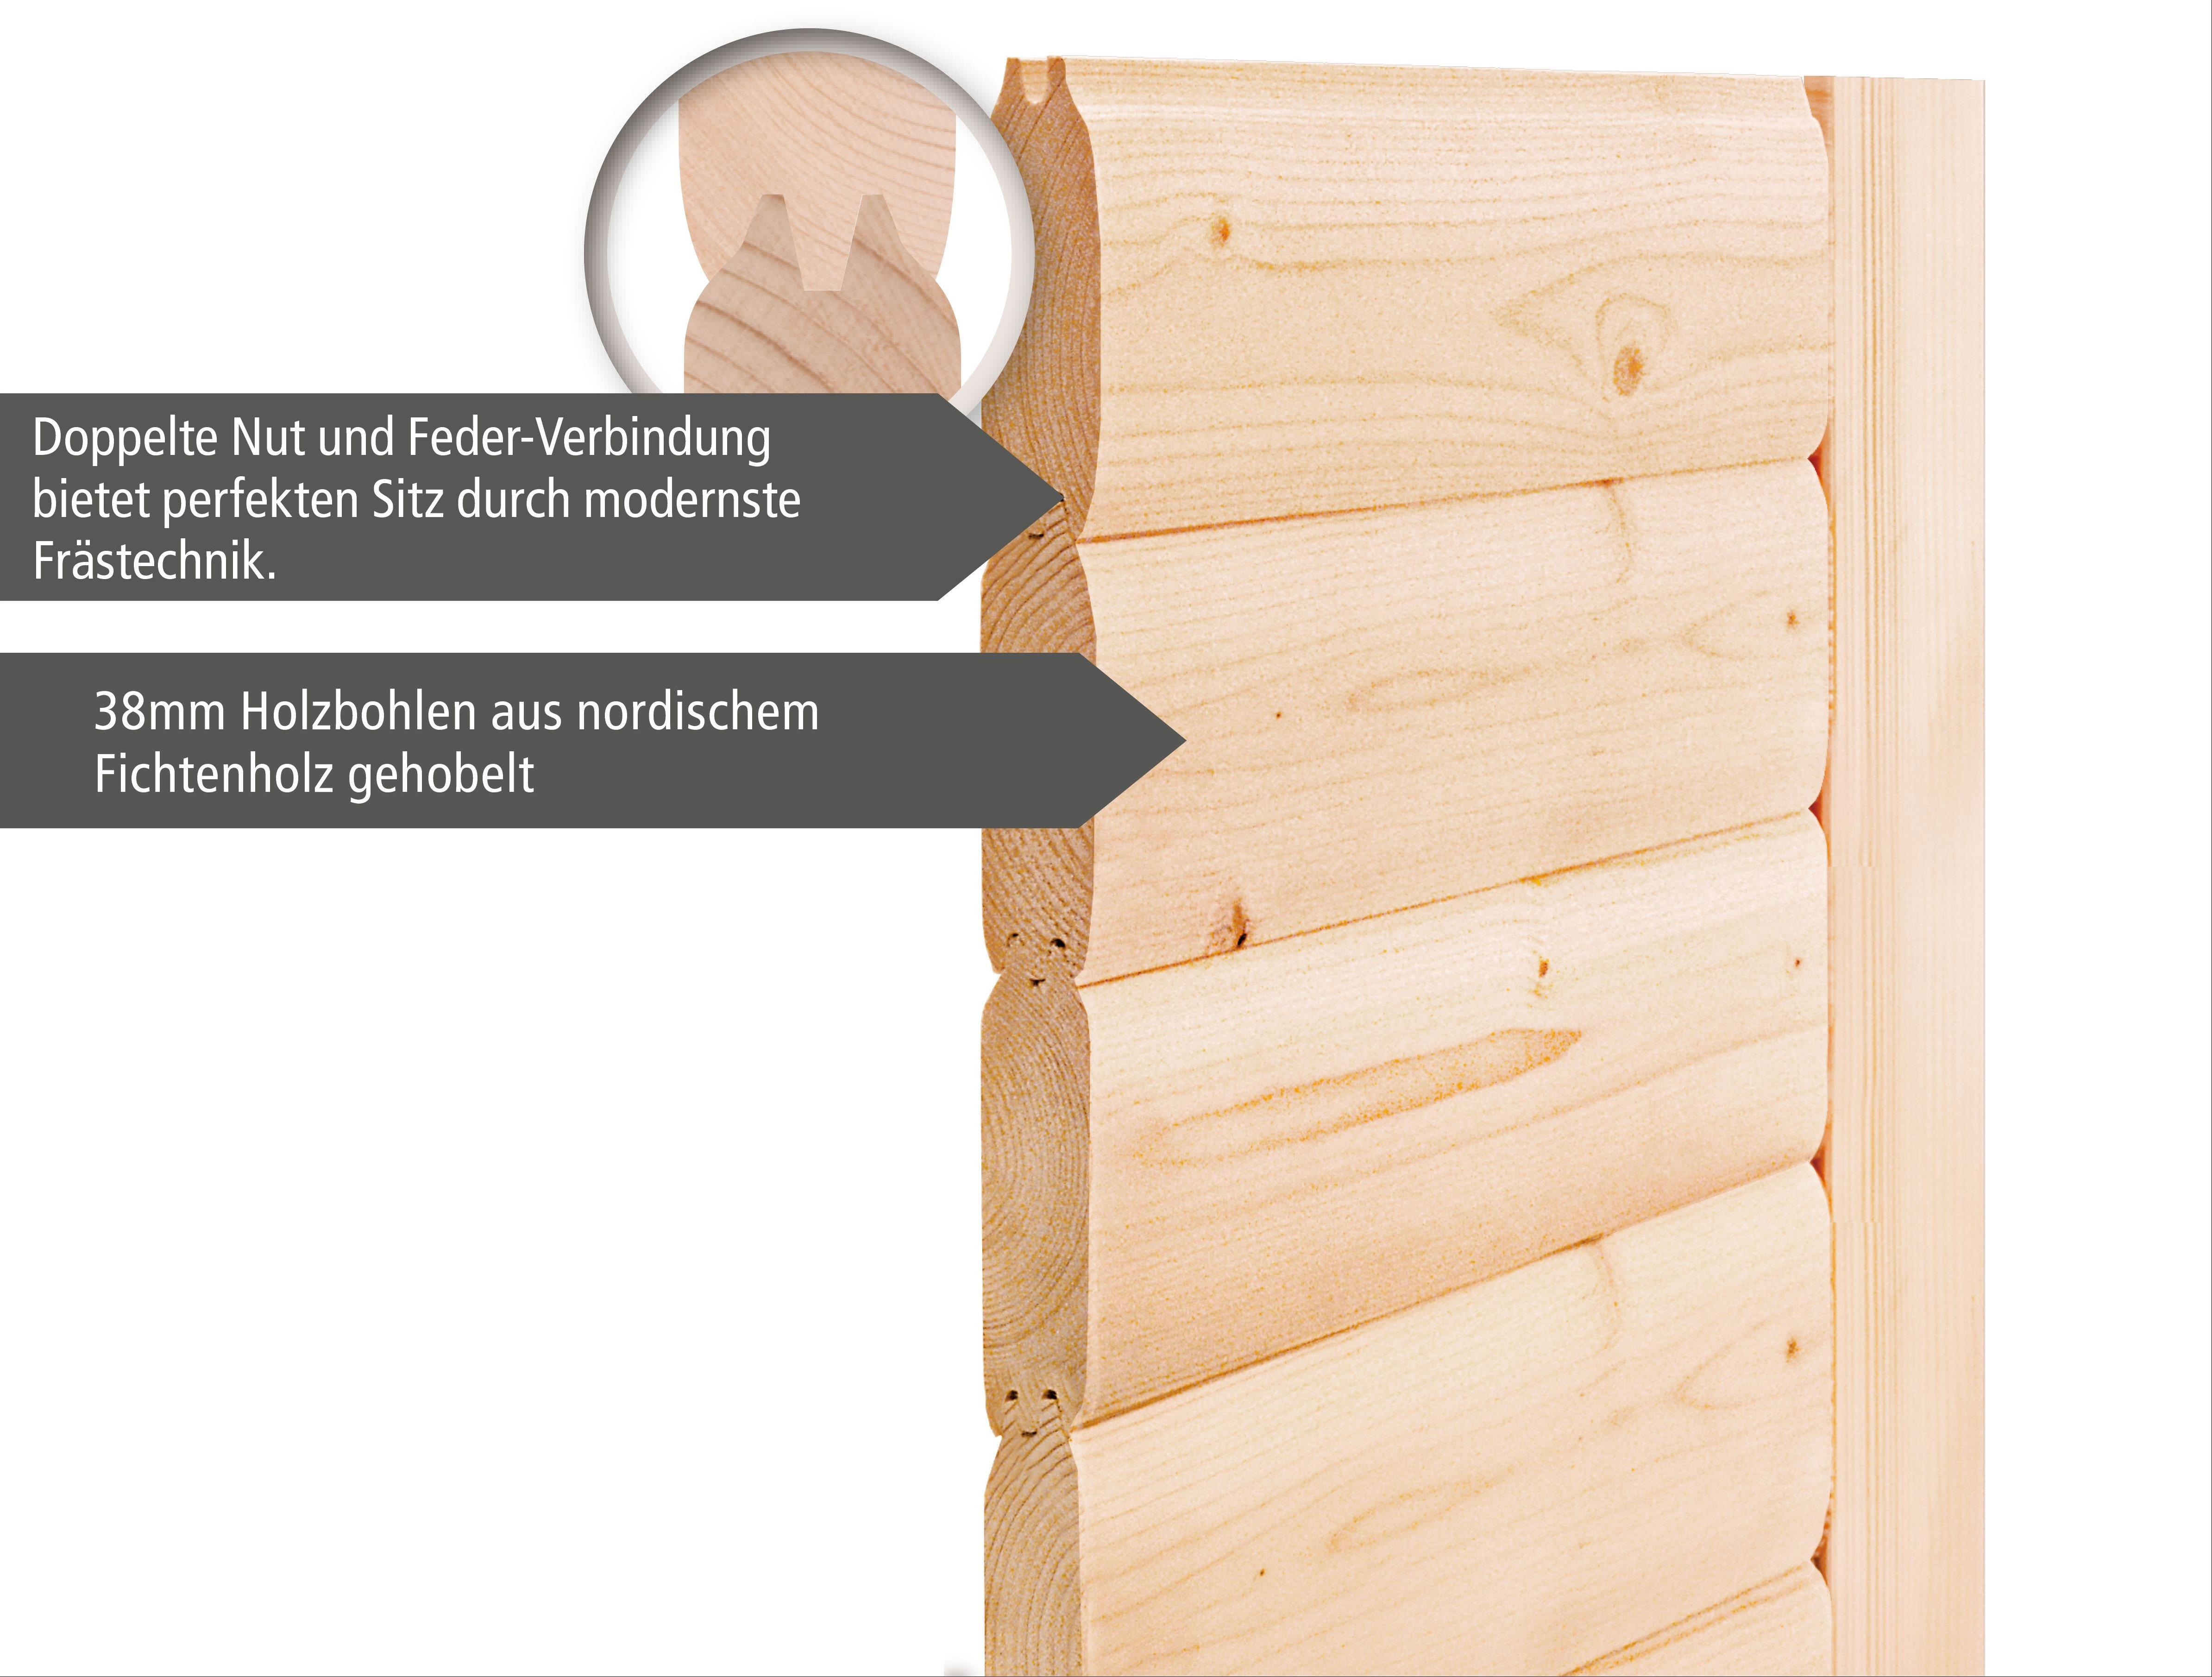 Gartensauna Karibu Saunahaus Heikki 38mm Ofen 9kW extern Tür modern Bild 4